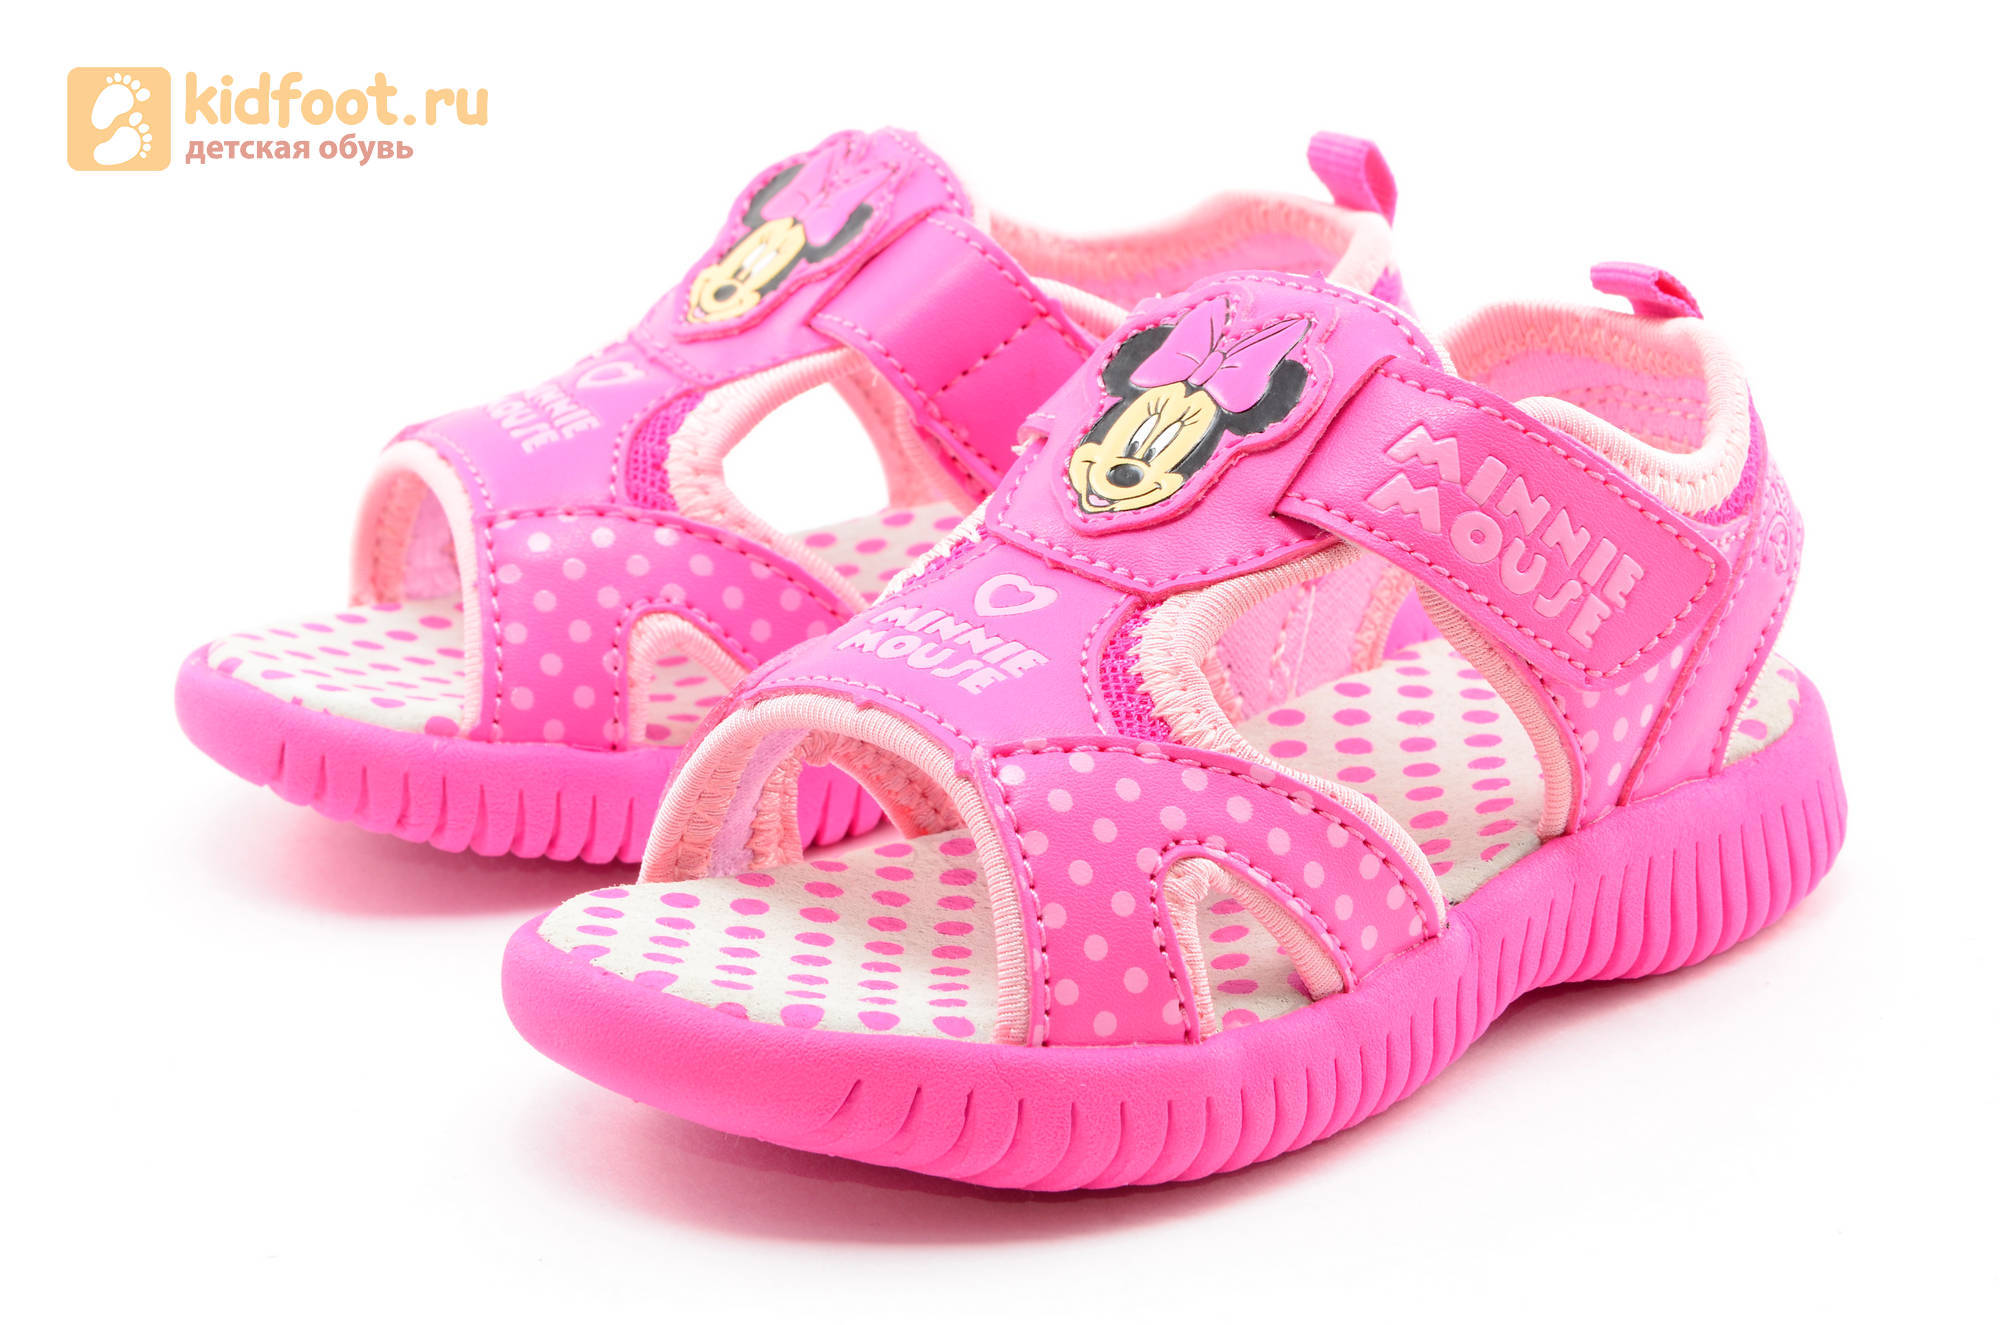 Босоножки Минни Маус (Minnie Mouse) на липучке для девочек, цвет розовый белый